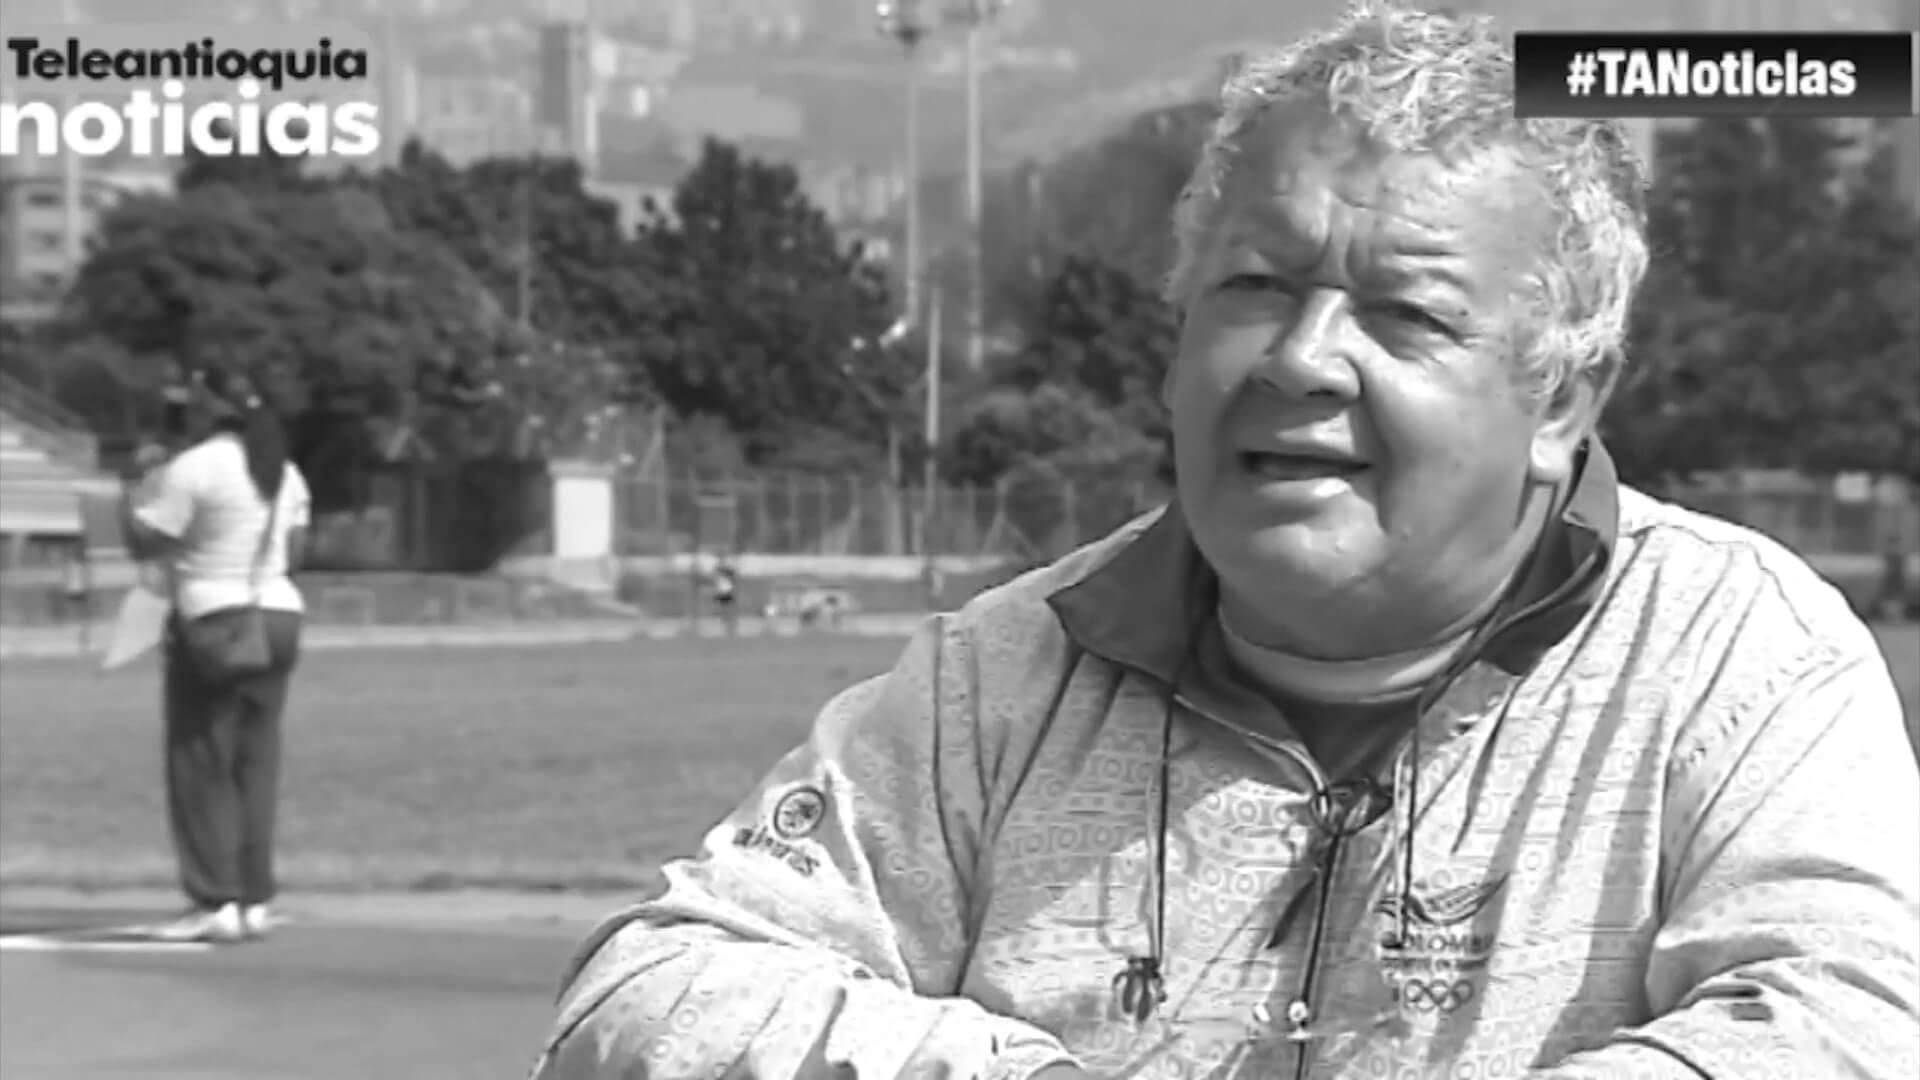 Falleció Armin Luna, el entrenador de atletas antioqueños